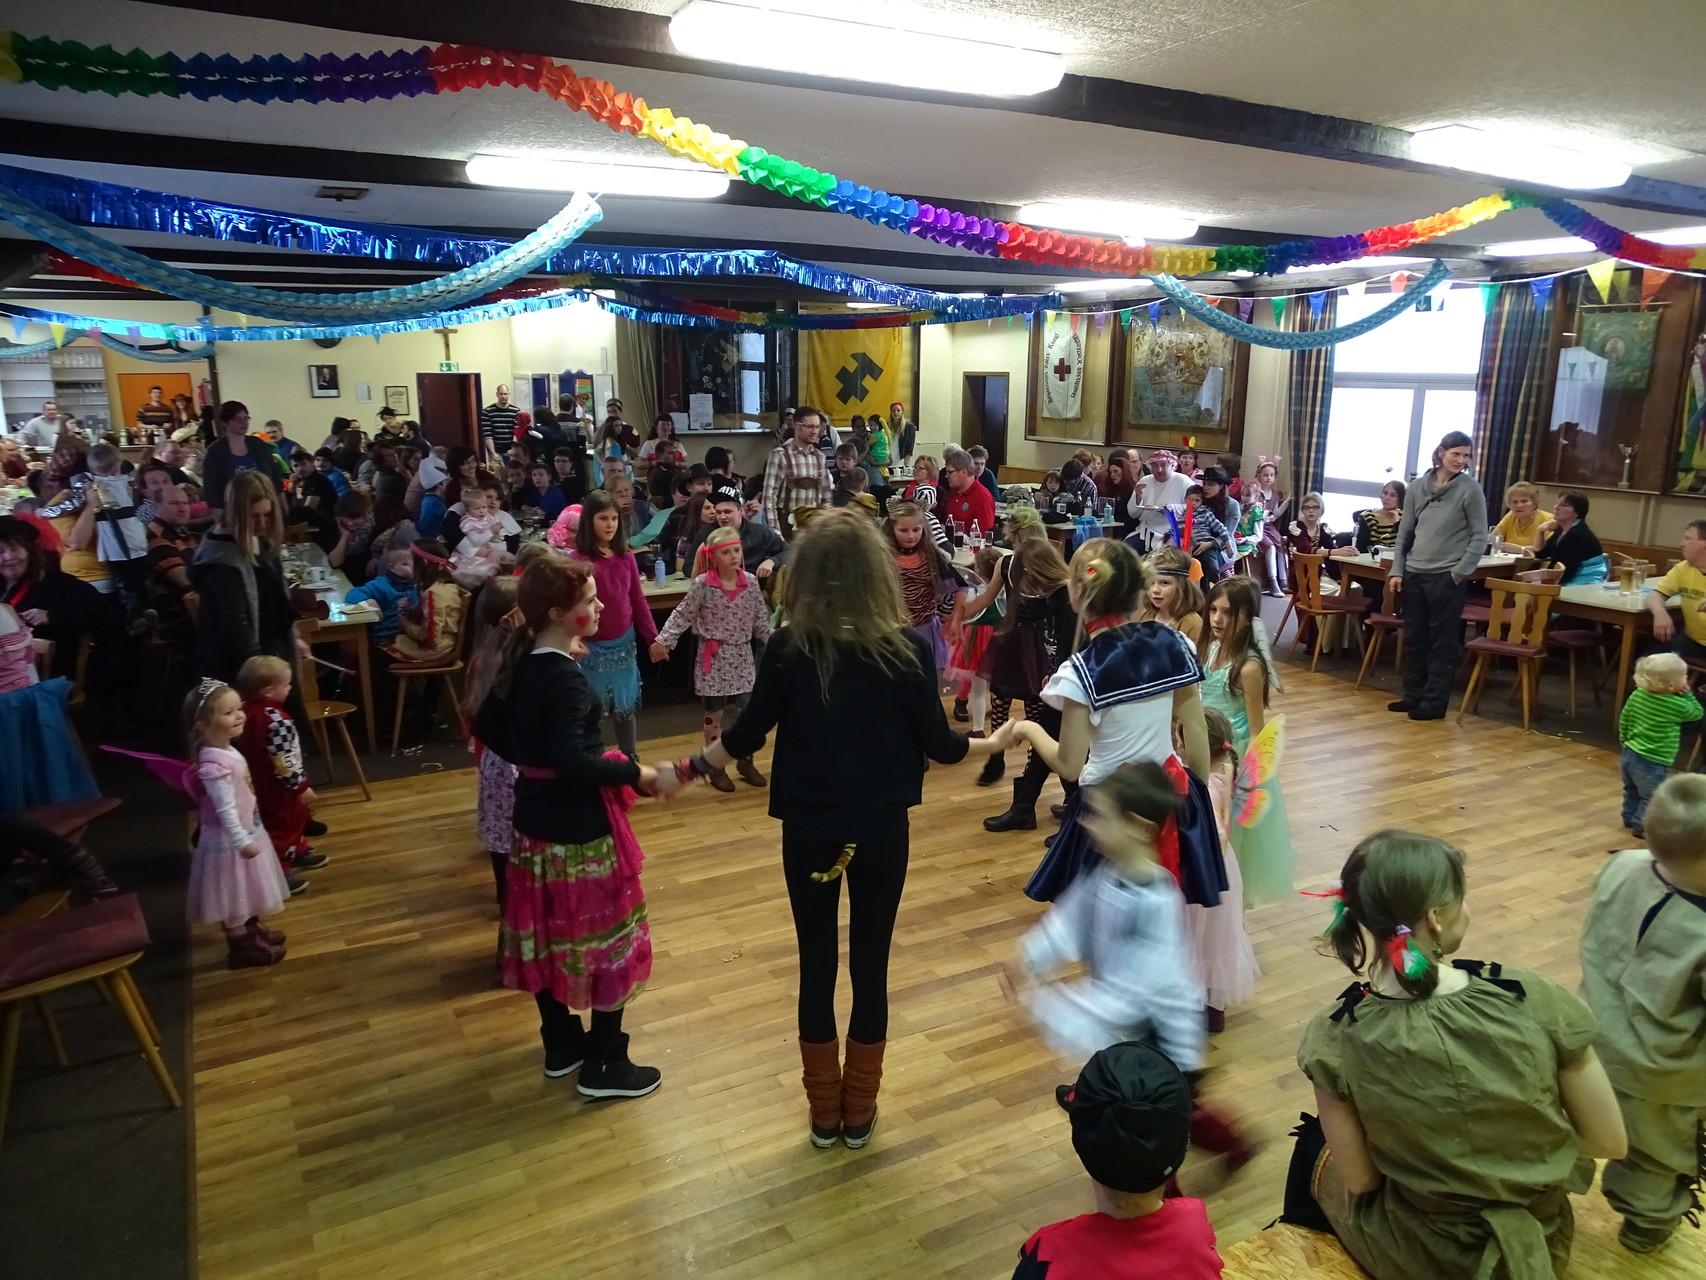 Welcher Tanz das wohl war, zu dem unser Entertainment-Team mit den Kids abgerockt ist? ;)